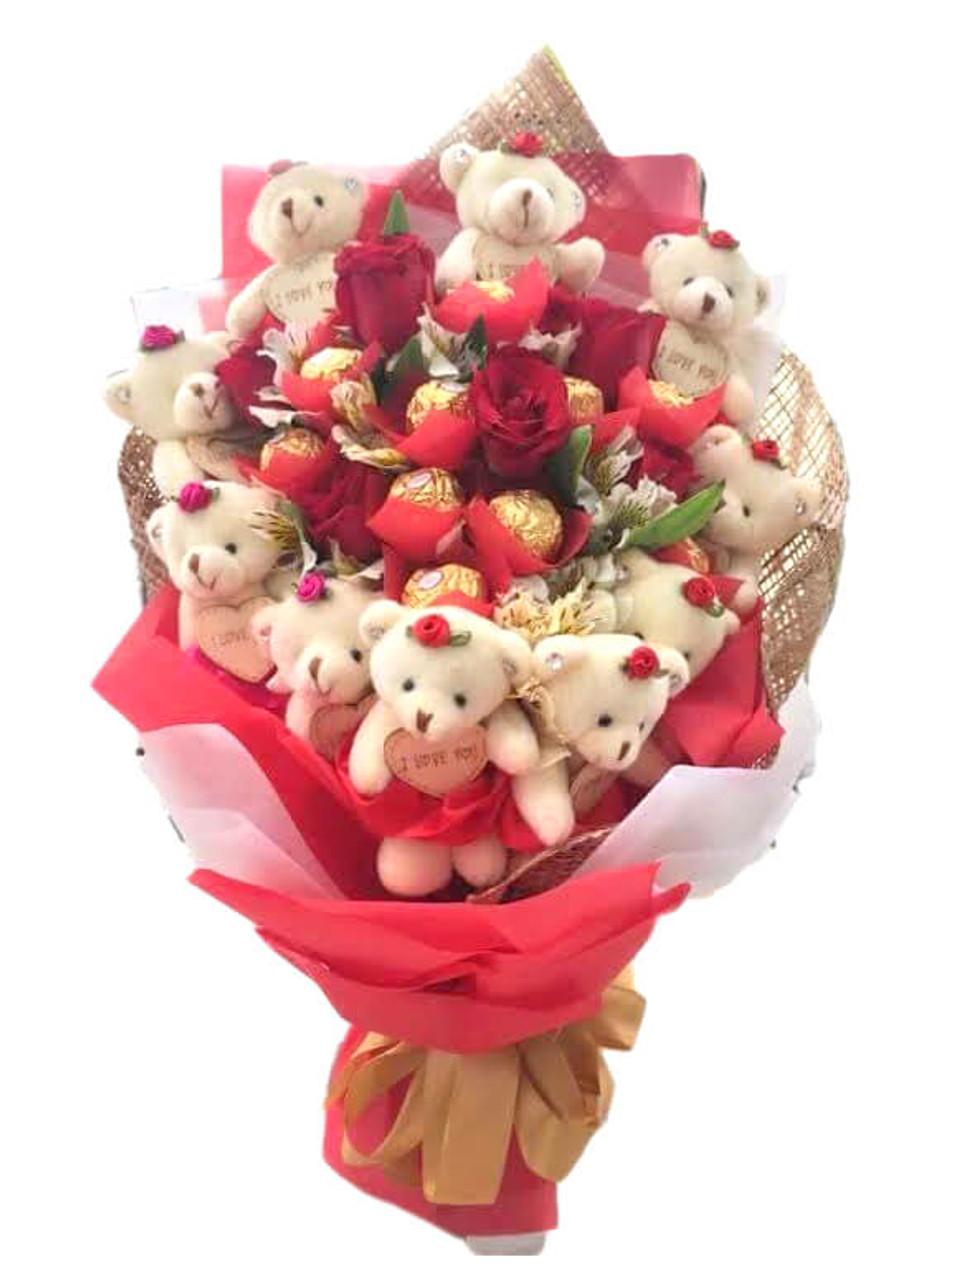 12 Roses, 12 Teddy Bears & 8 Ferrero Bouquet - Best Seller!